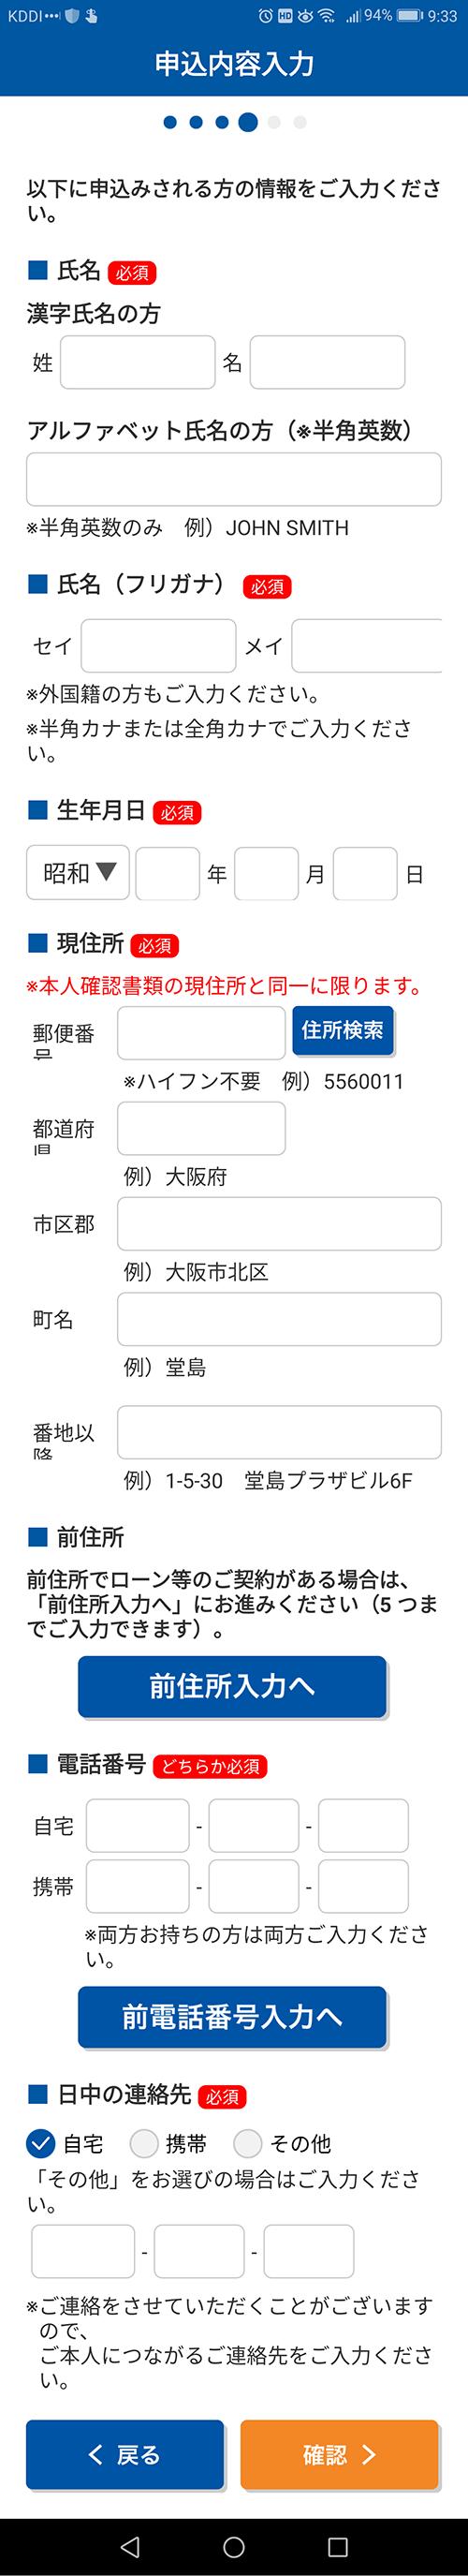 スマートフォンでの開示請求方法-住所、名前などの個人情報入力